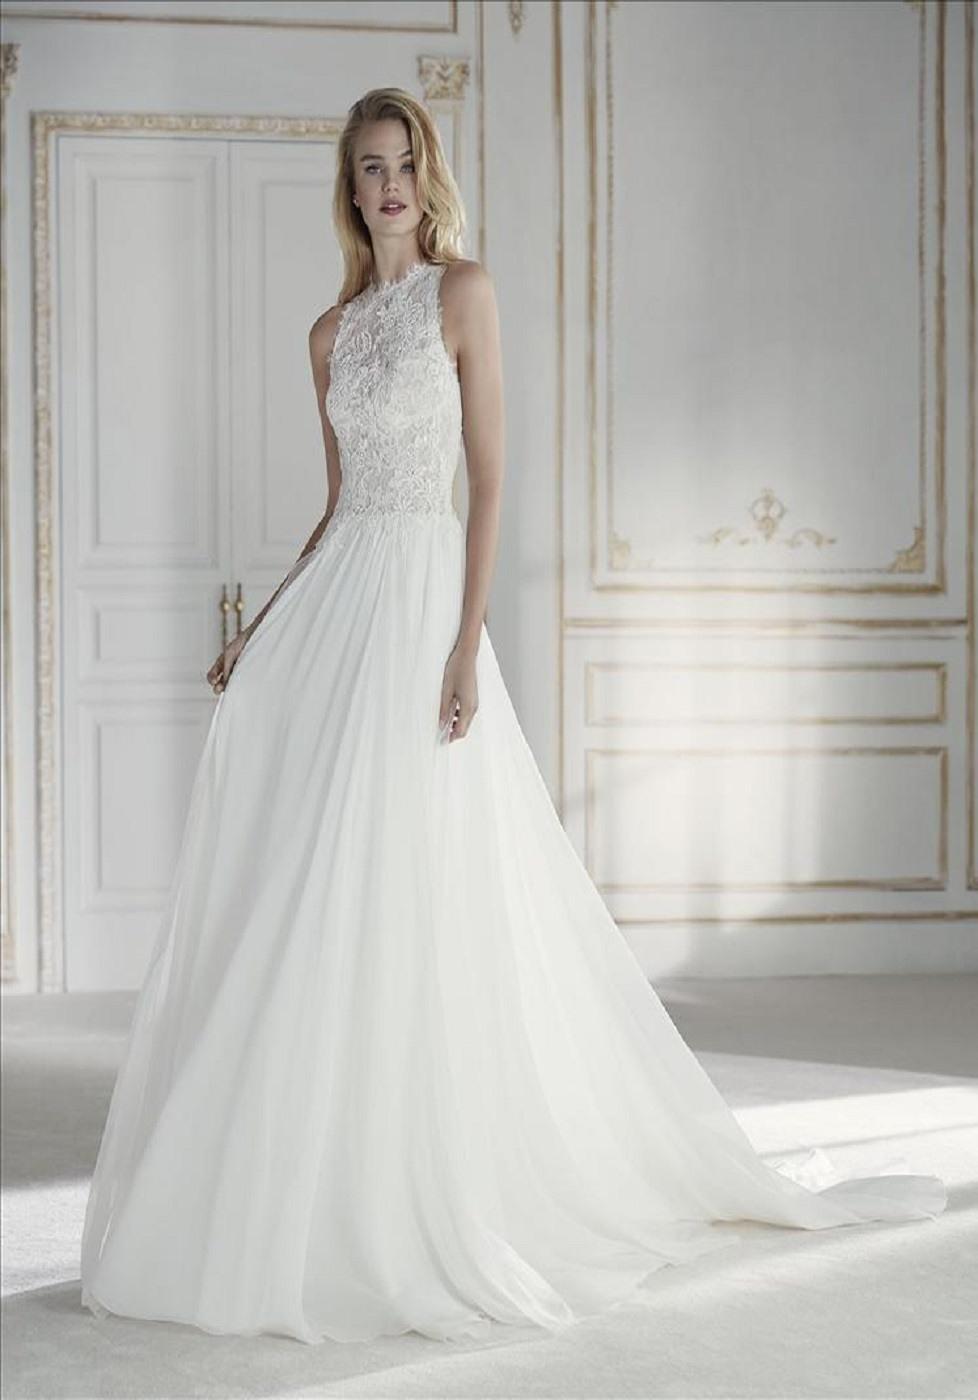 20 Schön Schicke Kleider Für Eine Hochzeit StylishDesigner Schön Schicke Kleider Für Eine Hochzeit Vertrieb